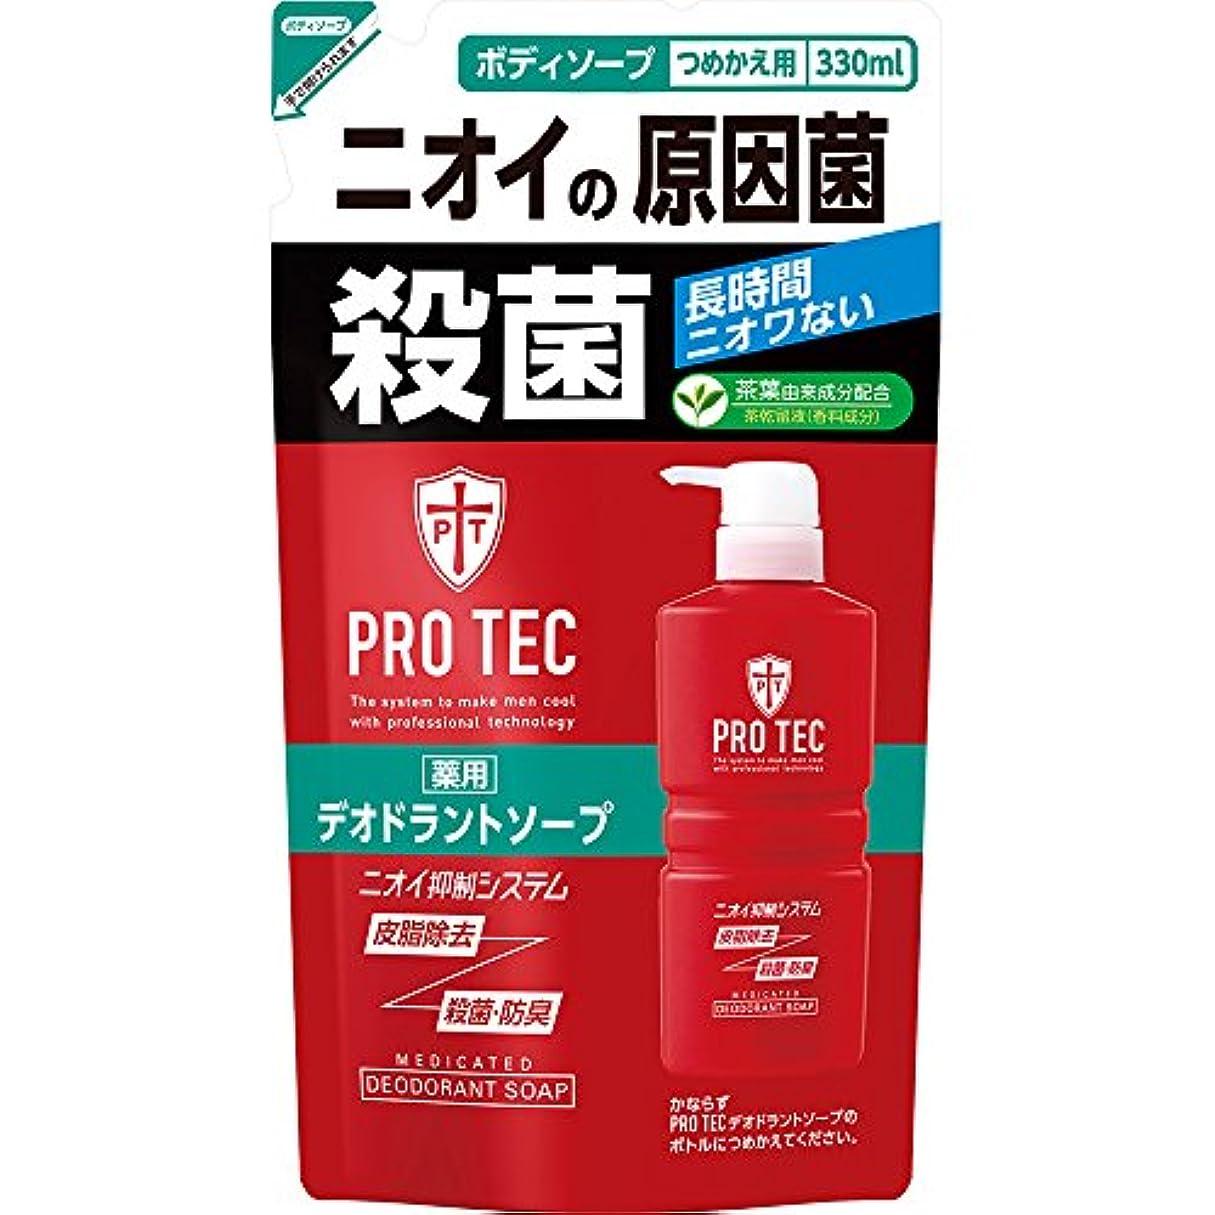 好意的調和のとれた慢PRO TEC(プロテク) デオドラントソープ 詰め替え 330ml(医薬部外品)